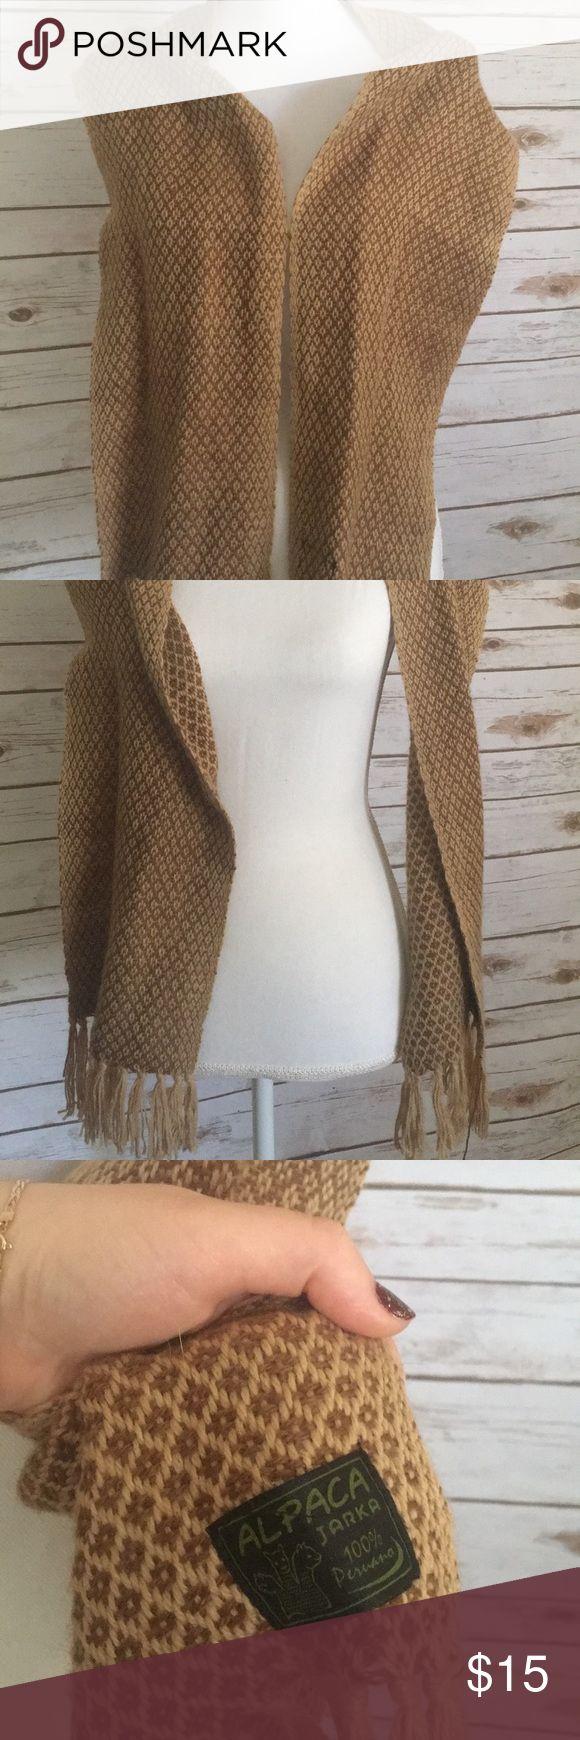 Alpaca scarf Alpaca scarf from Peru no damage perfect condition Accessories Scarves & Wraps